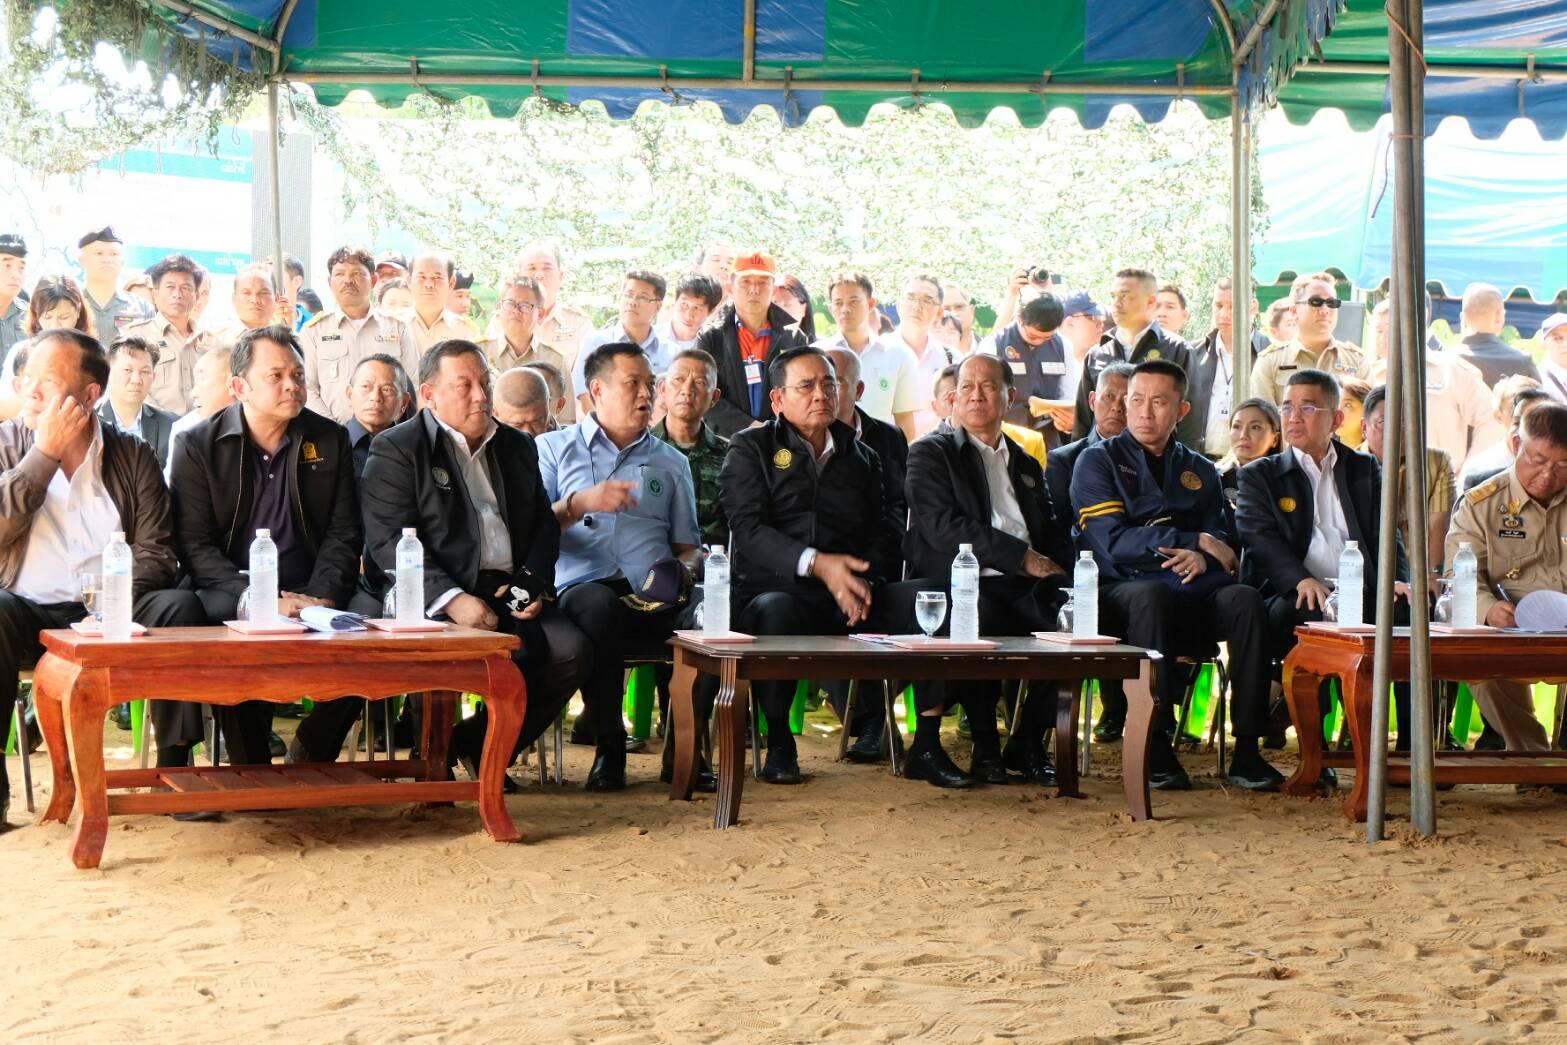 ไฟล์แนบ กปภ.ข.๘ ร่วมกับ กปภ.สาขาอุบลราชธานี ลงพื้นที่ ให้บริการน้ำดื่มประชาชนในโอกาสนายกรัฐมนตรีเยี่ยมประชาชนประสบภัยน้ำท่วมชุมชนหนองกินเพล